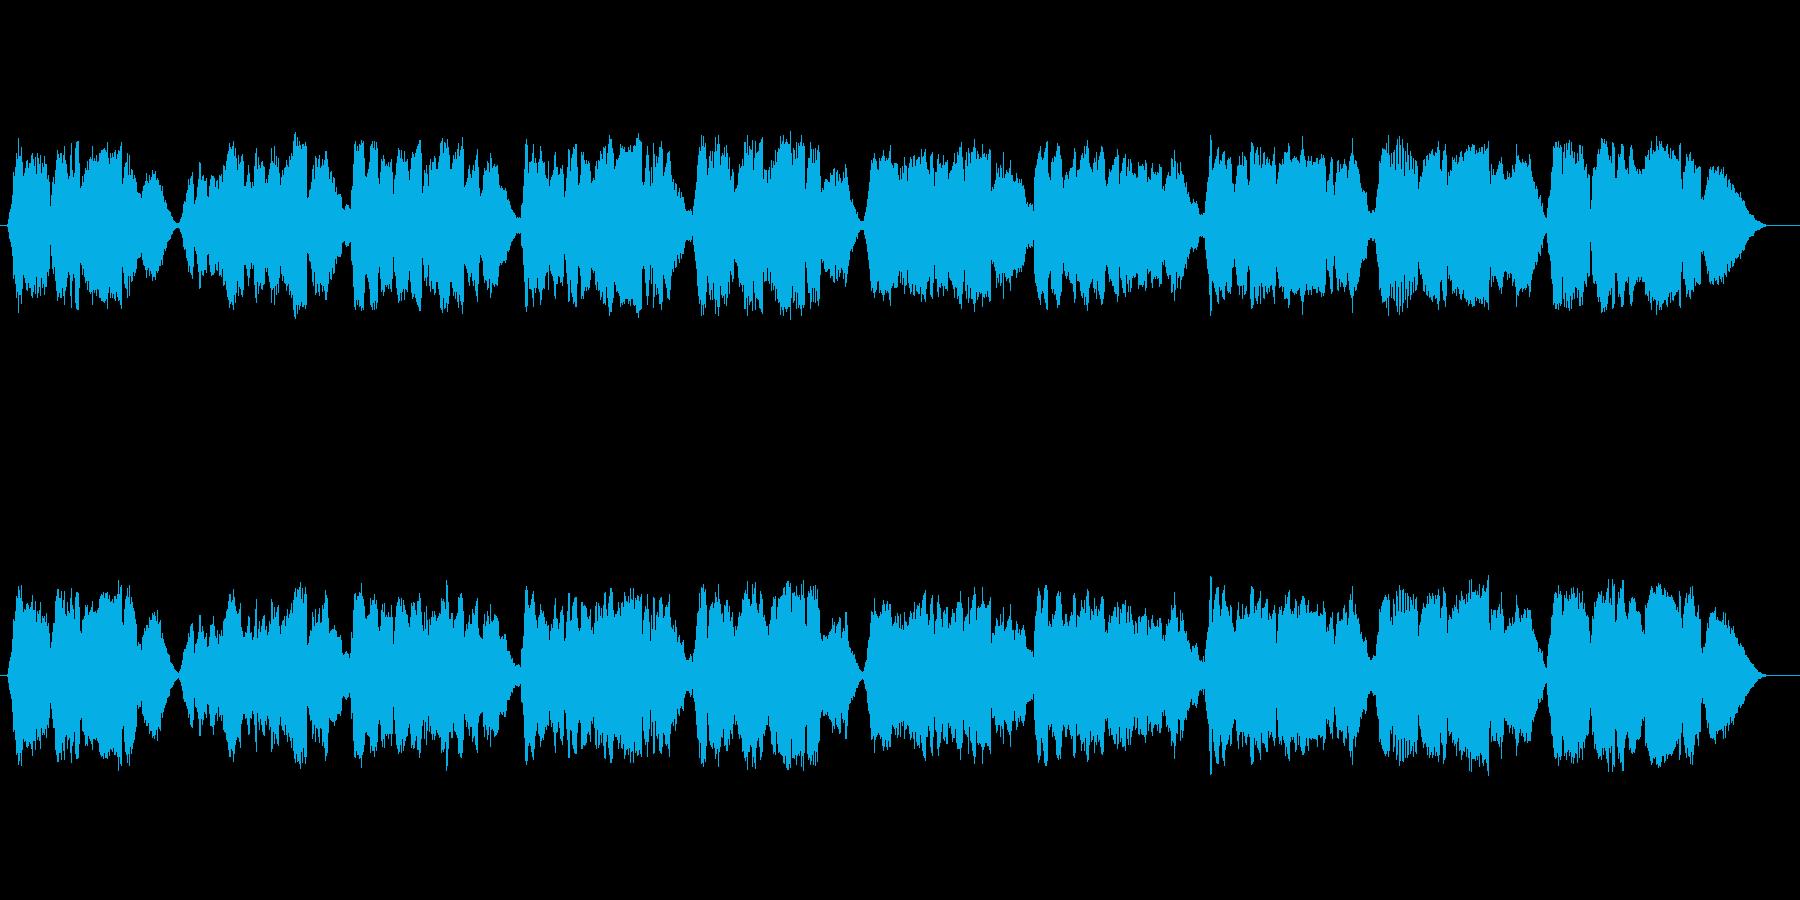 無伴奏ヴァイオリンによる童謡「ふるさと」の再生済みの波形